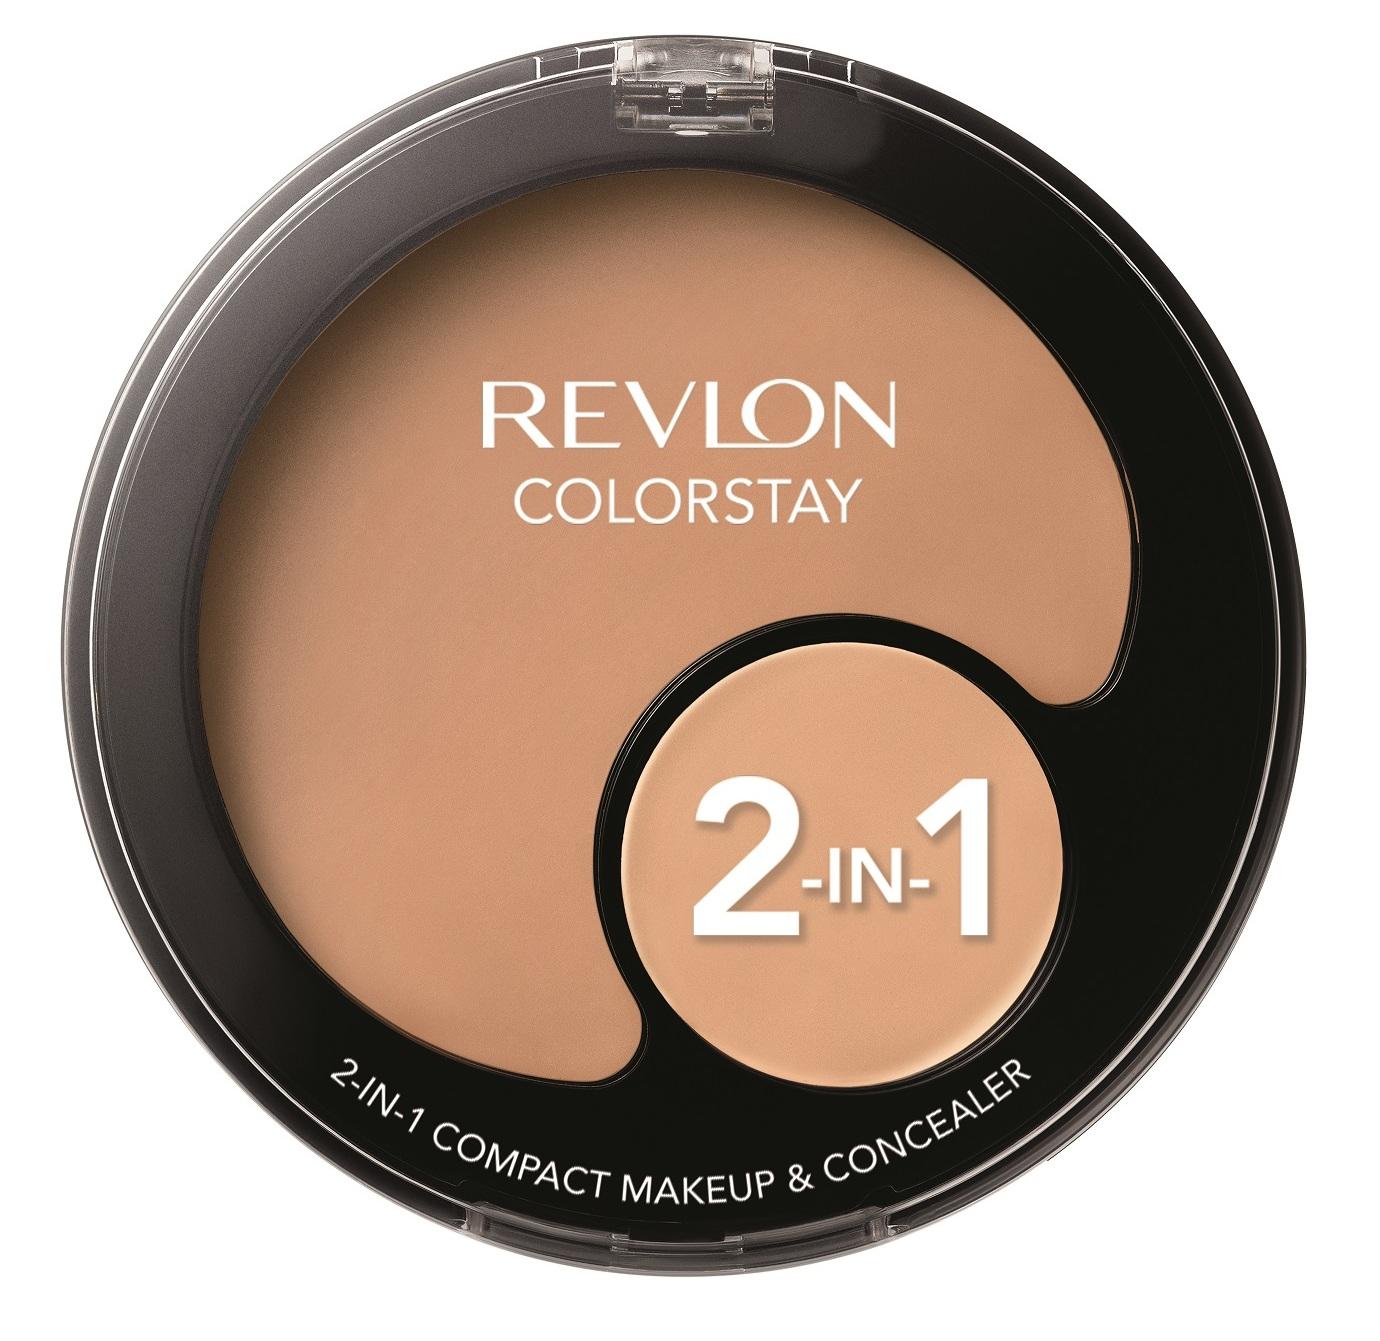 REVLON Основа тональная + консилер 2 в 1 220 / Colorstay